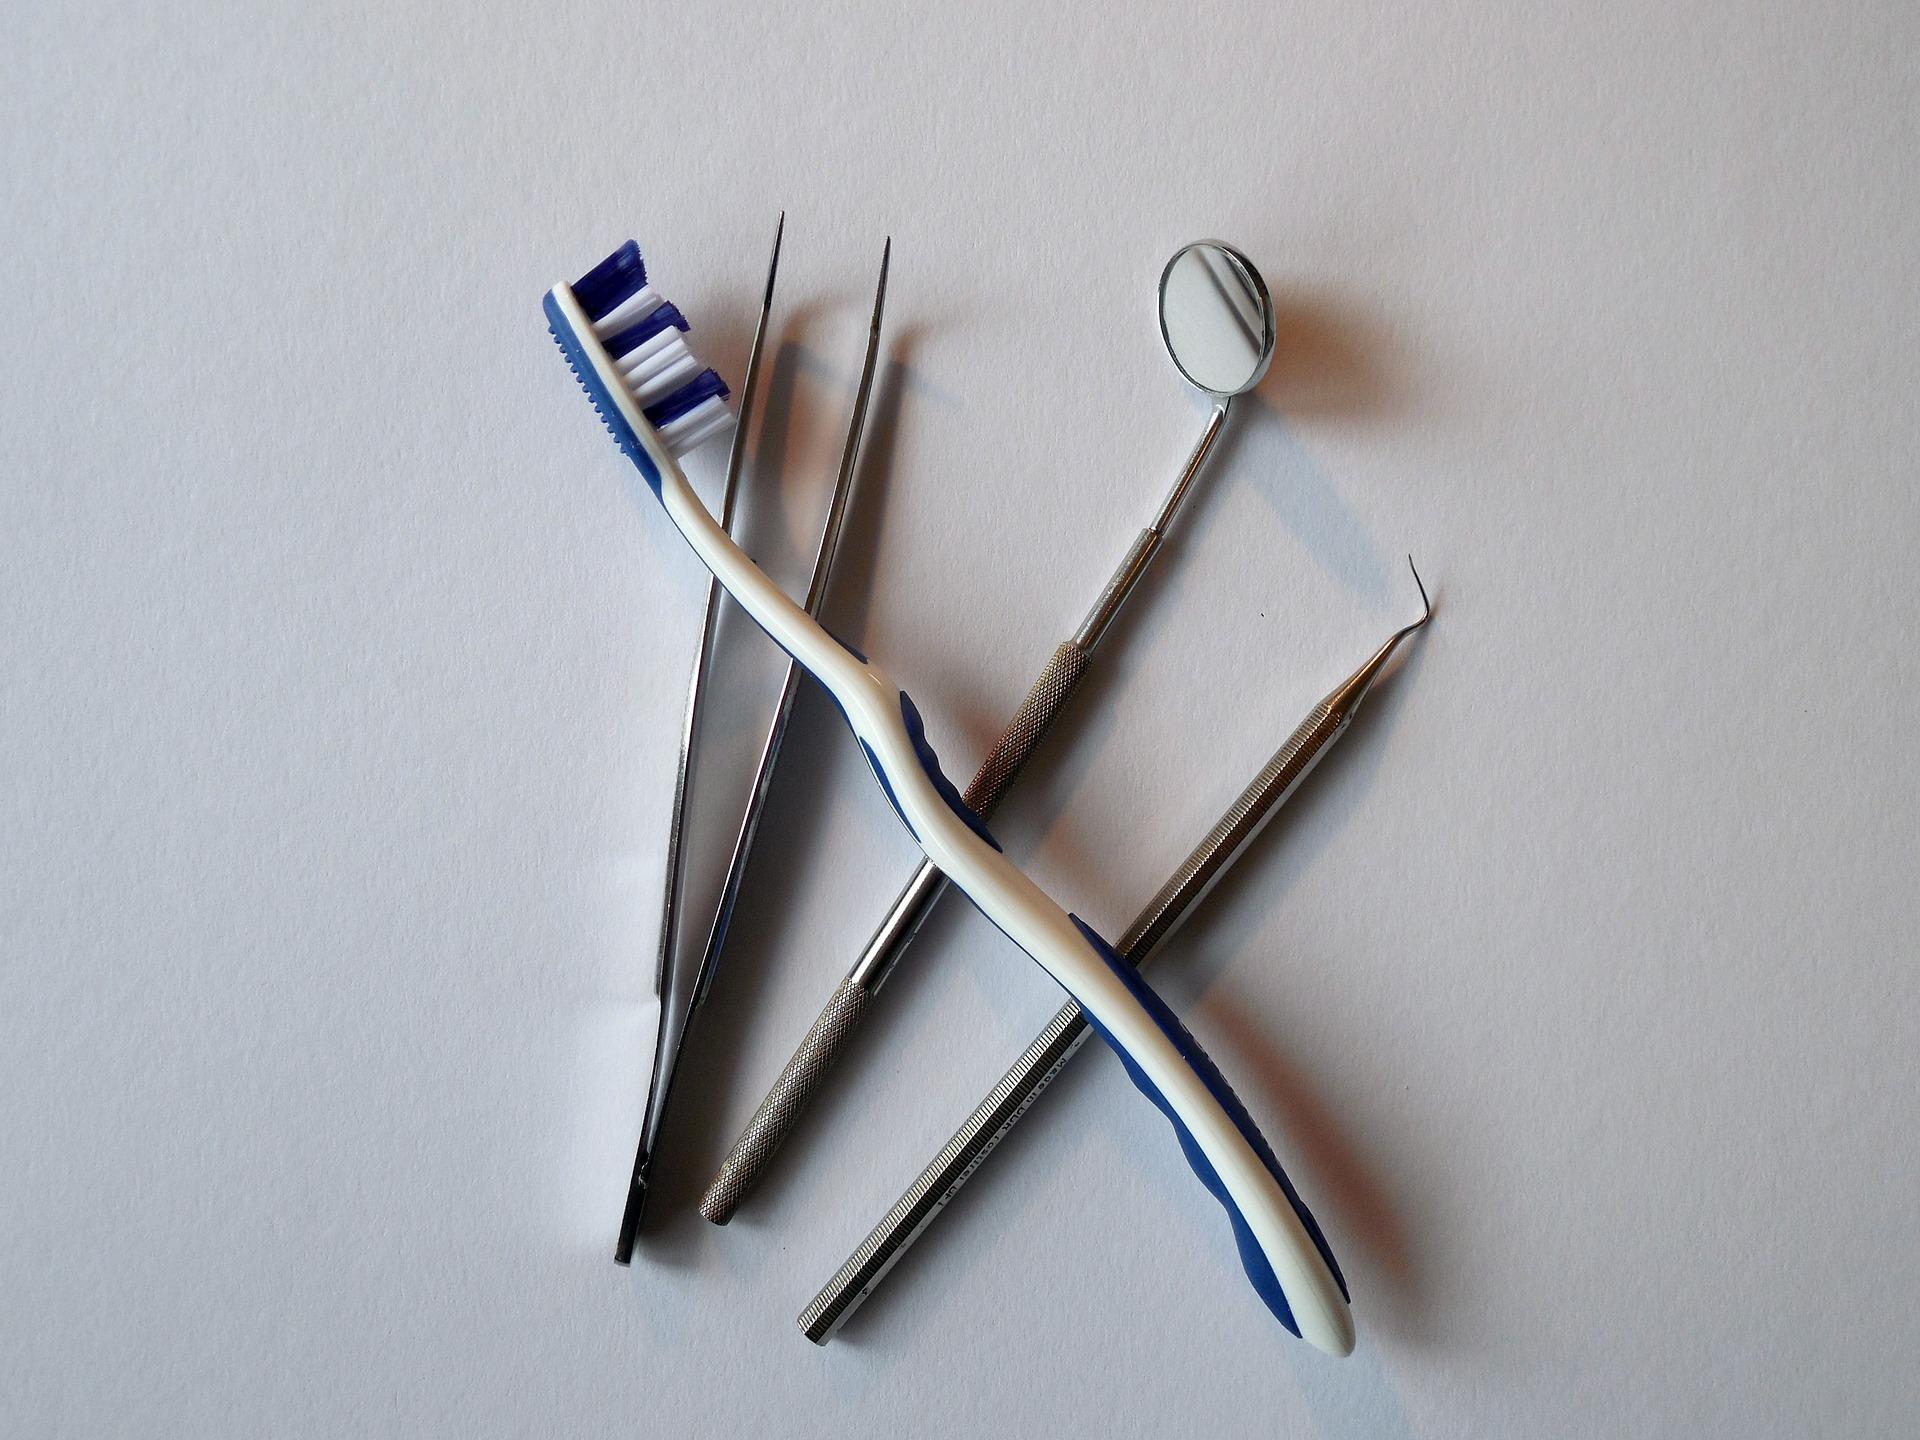 uma má higiene oral pode causar problemas